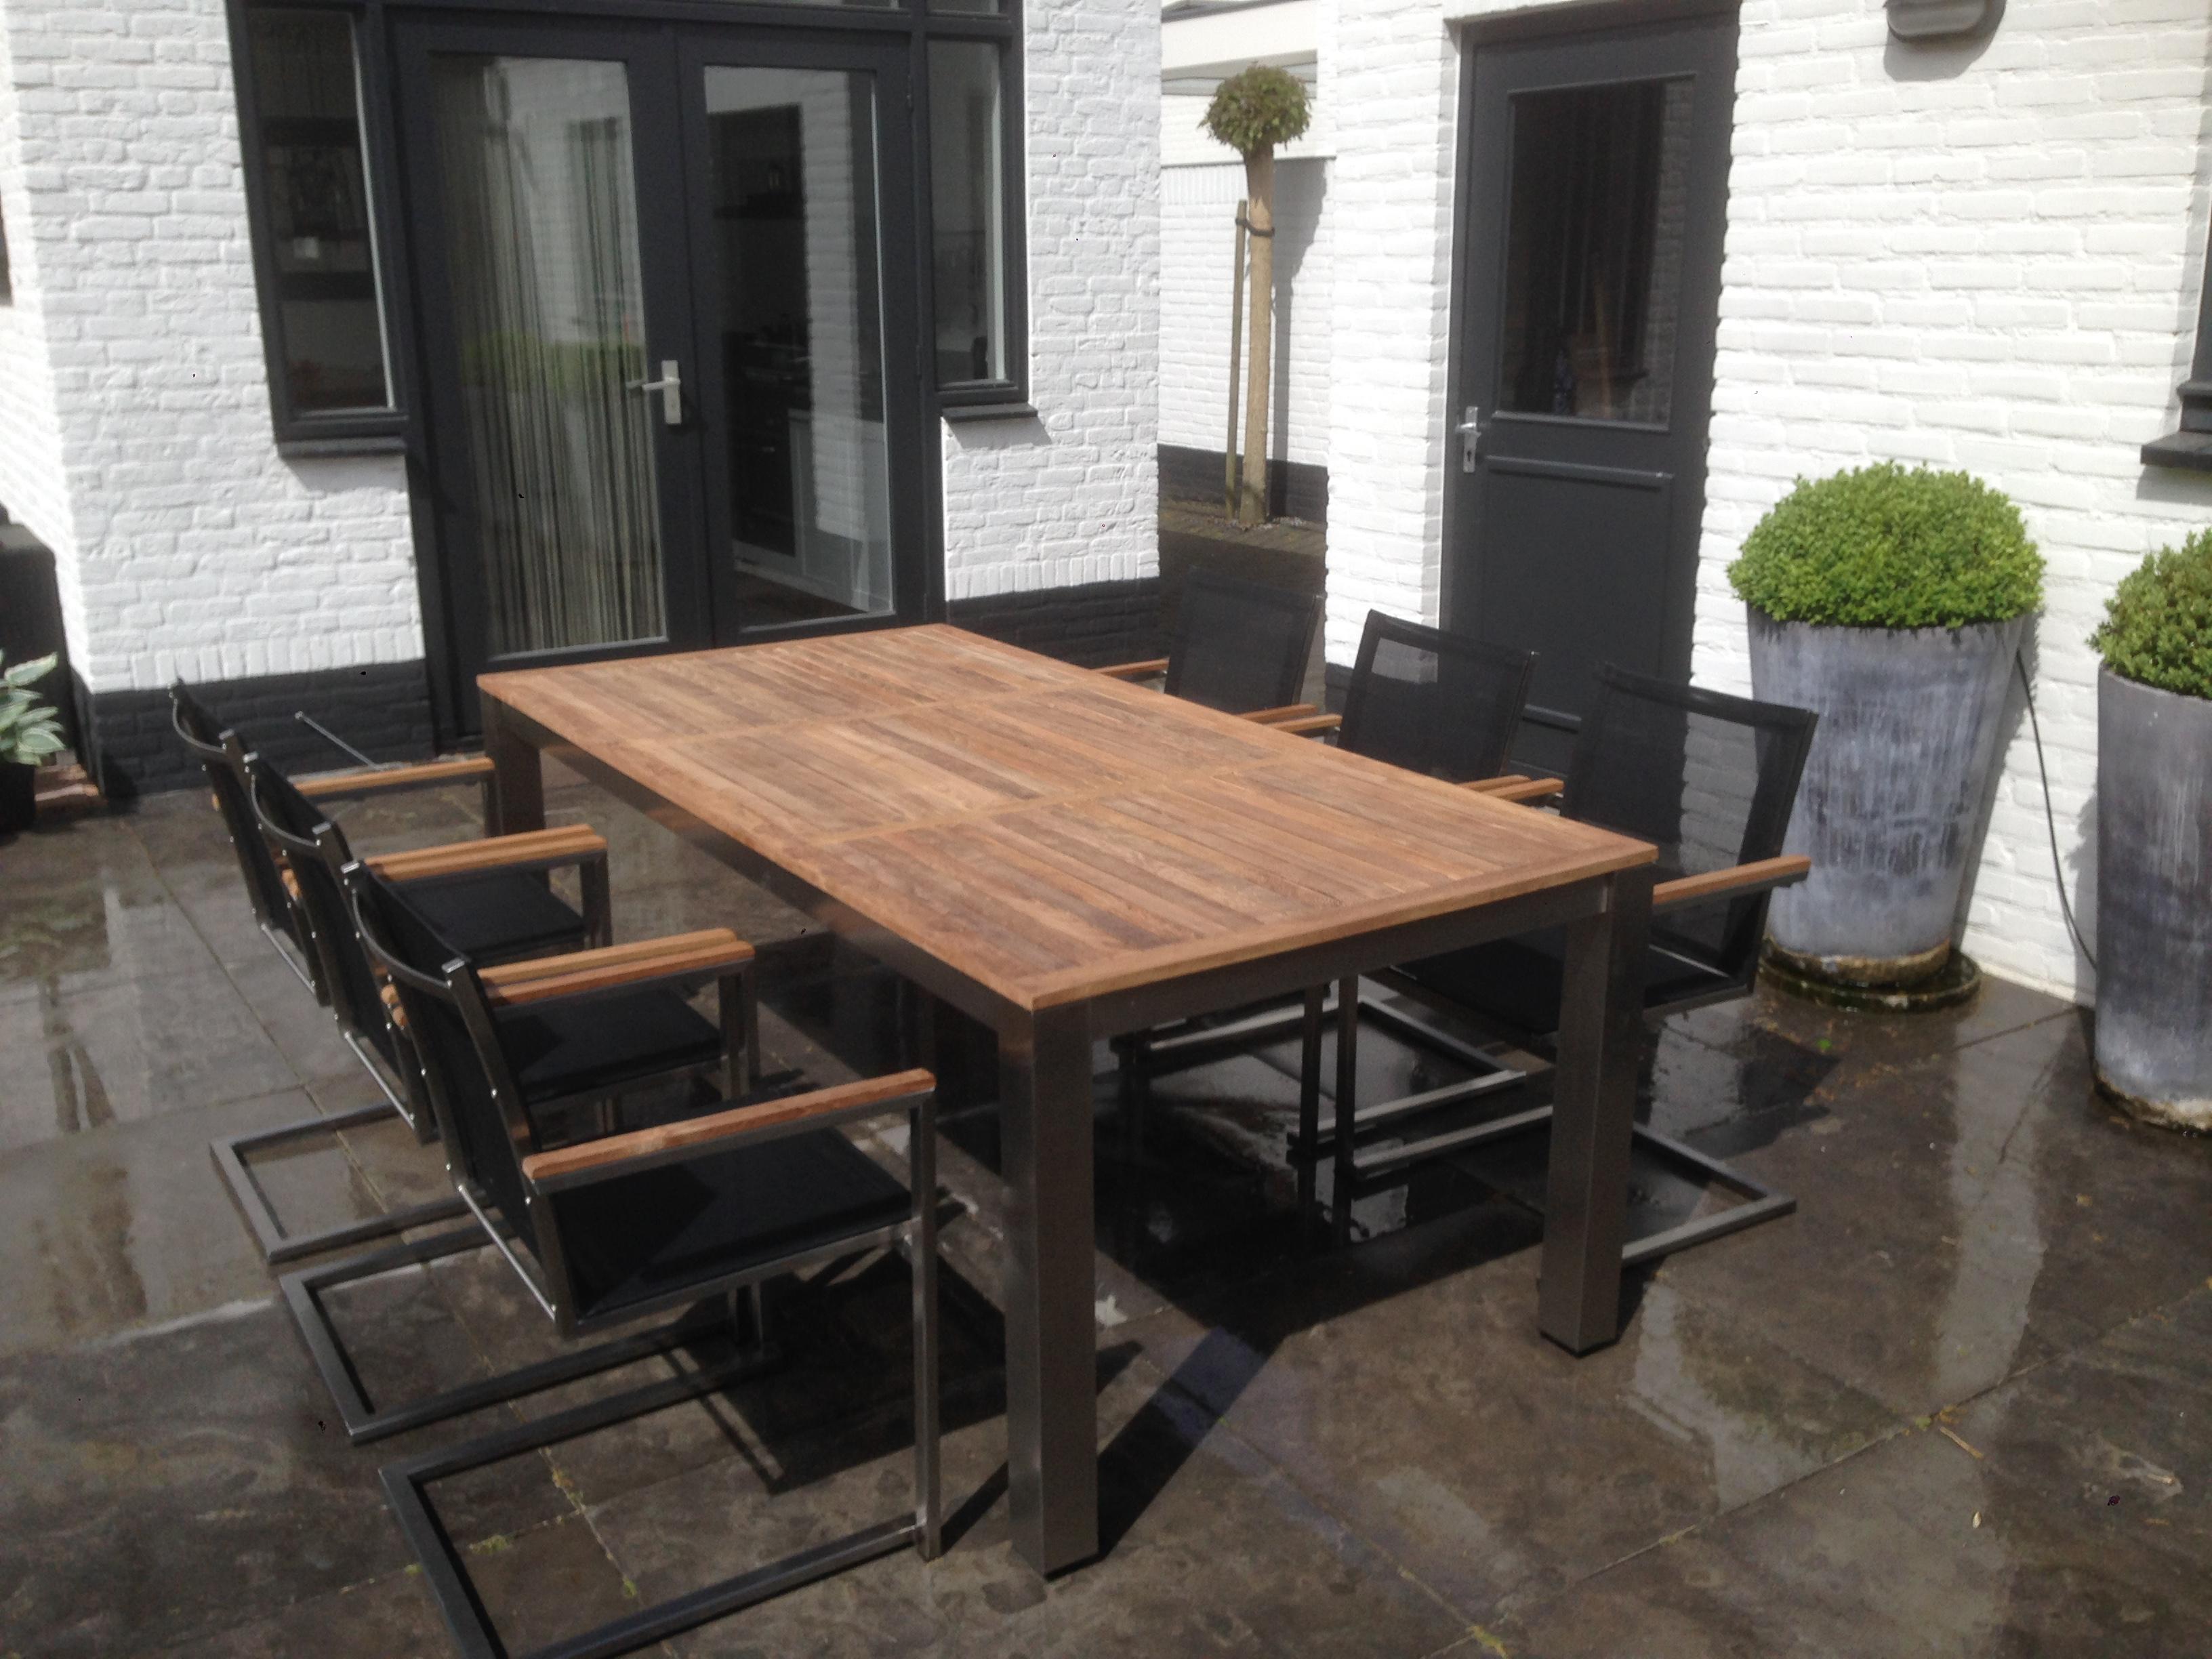 Tuinset Elba bezorgd in Oisterwijk